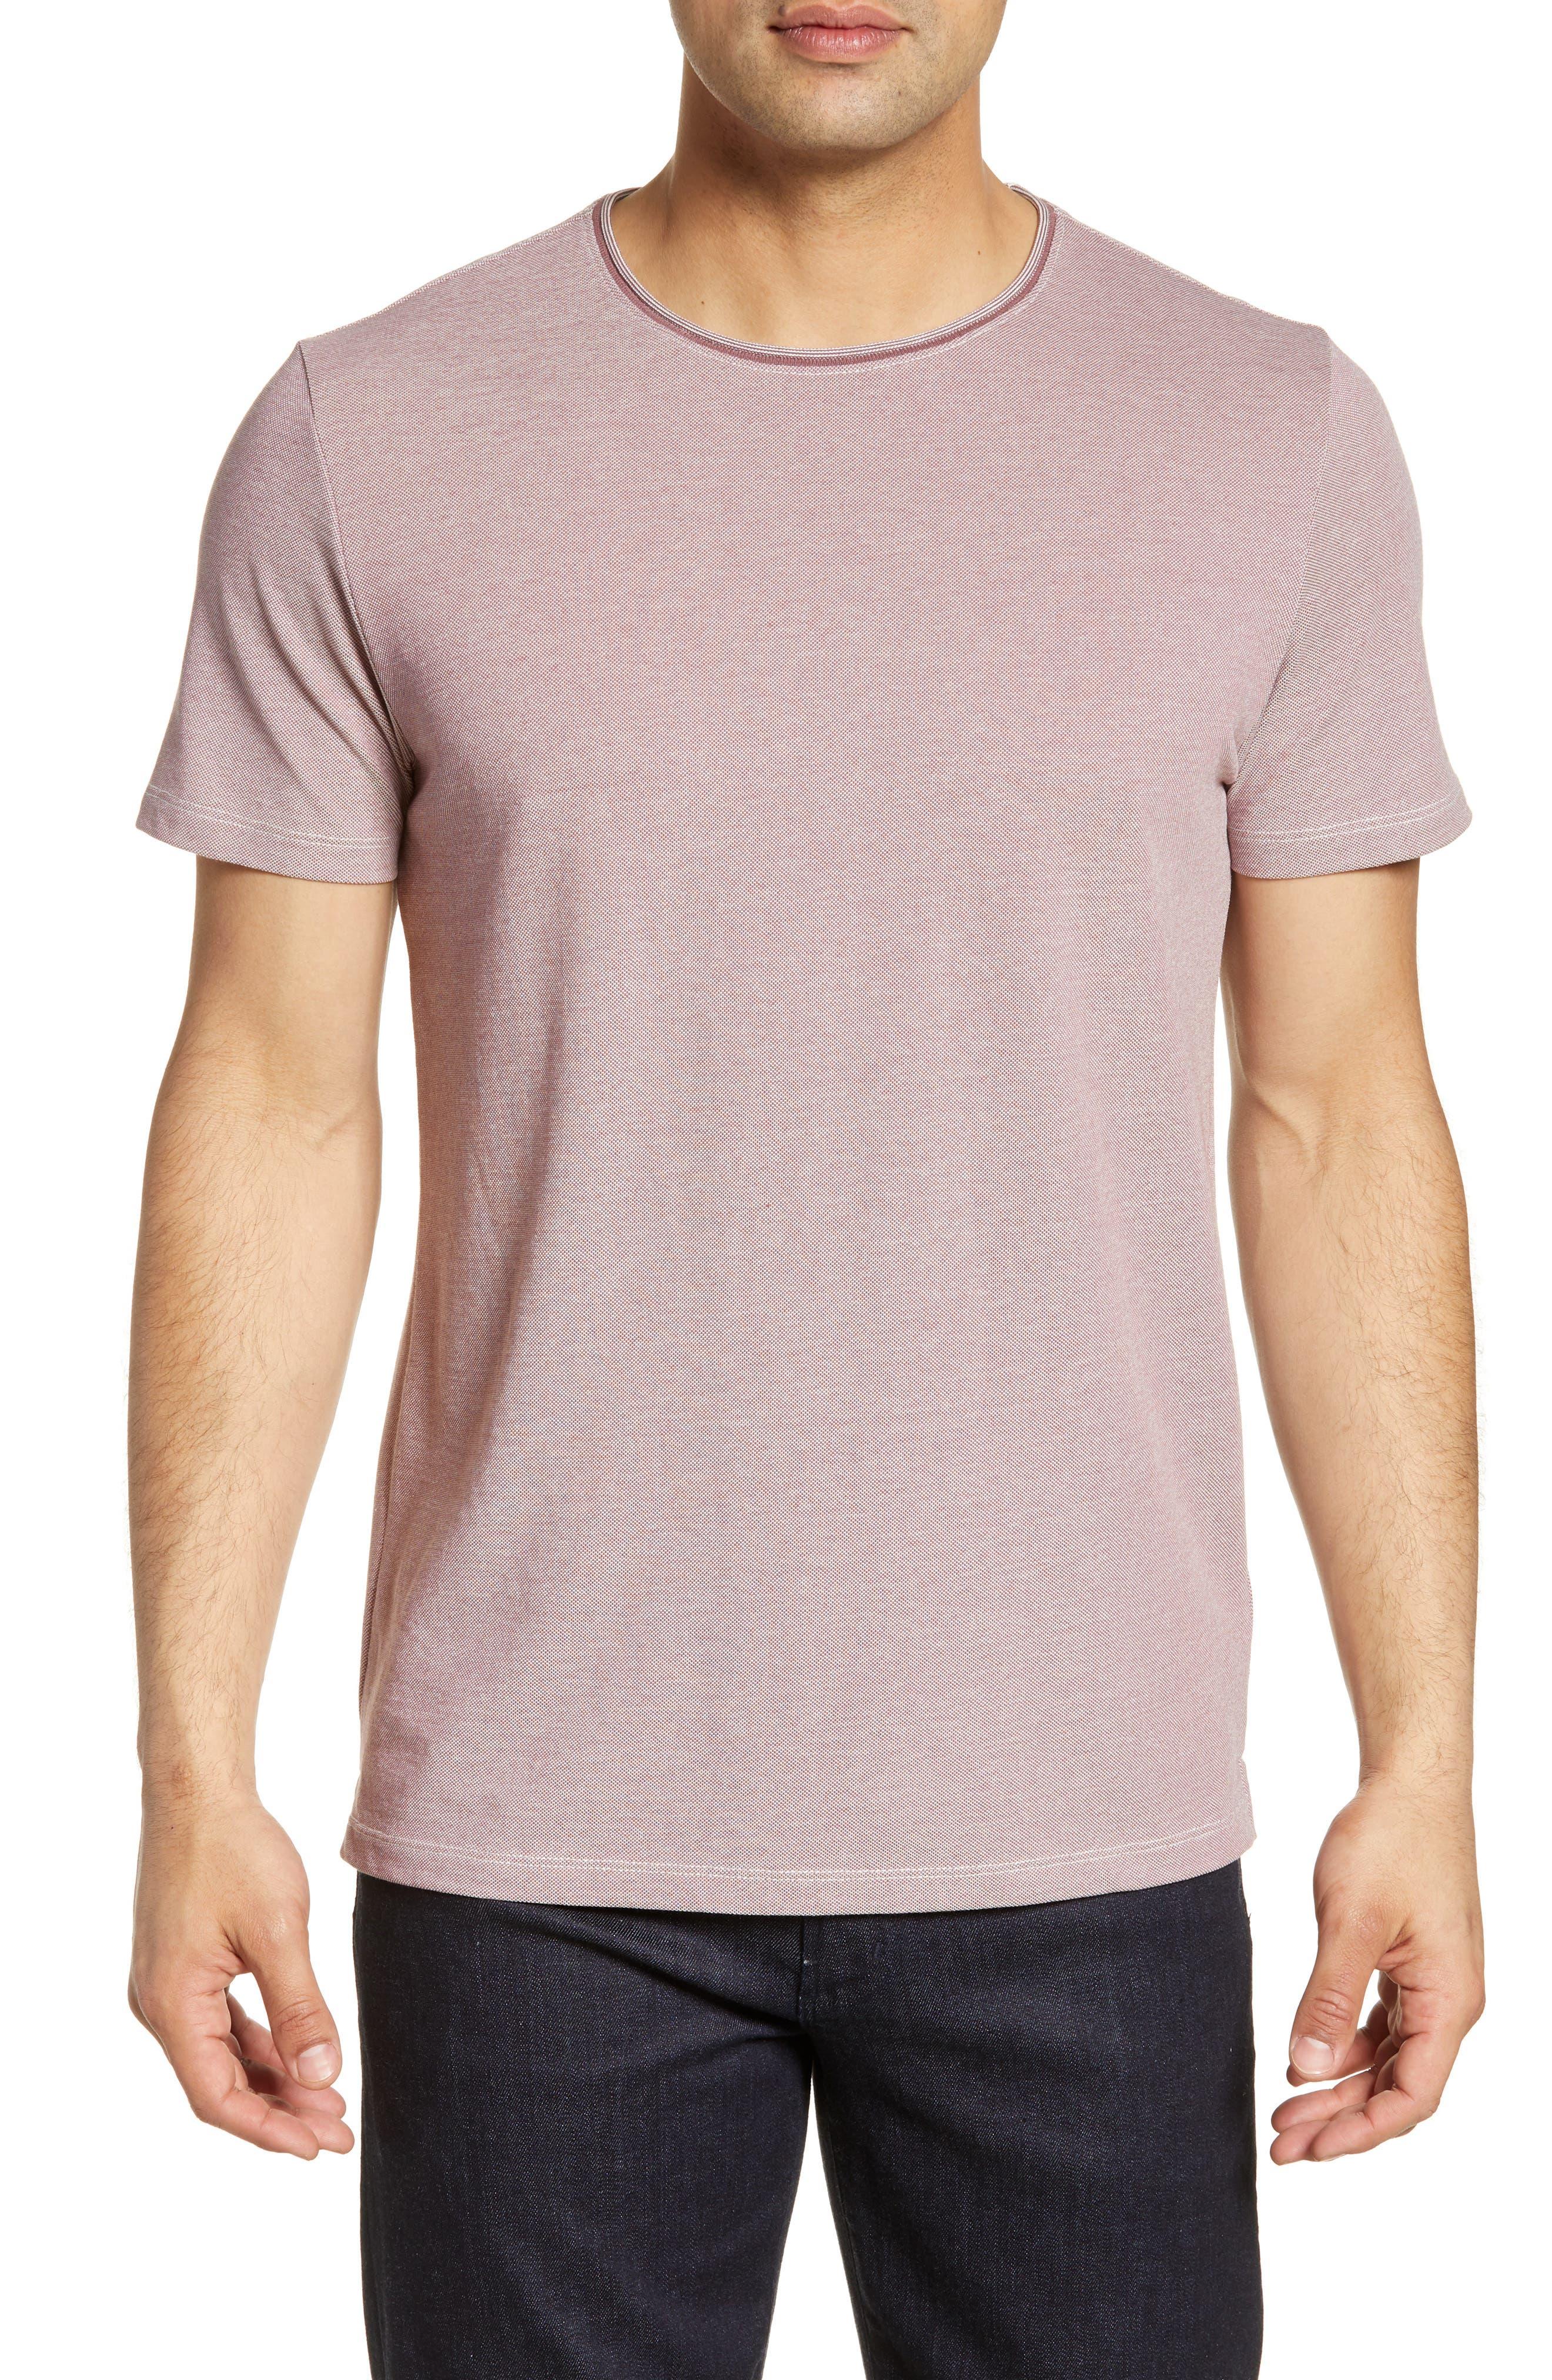 Image of ROBERT BARAKETT Grand Forks T-Shirt